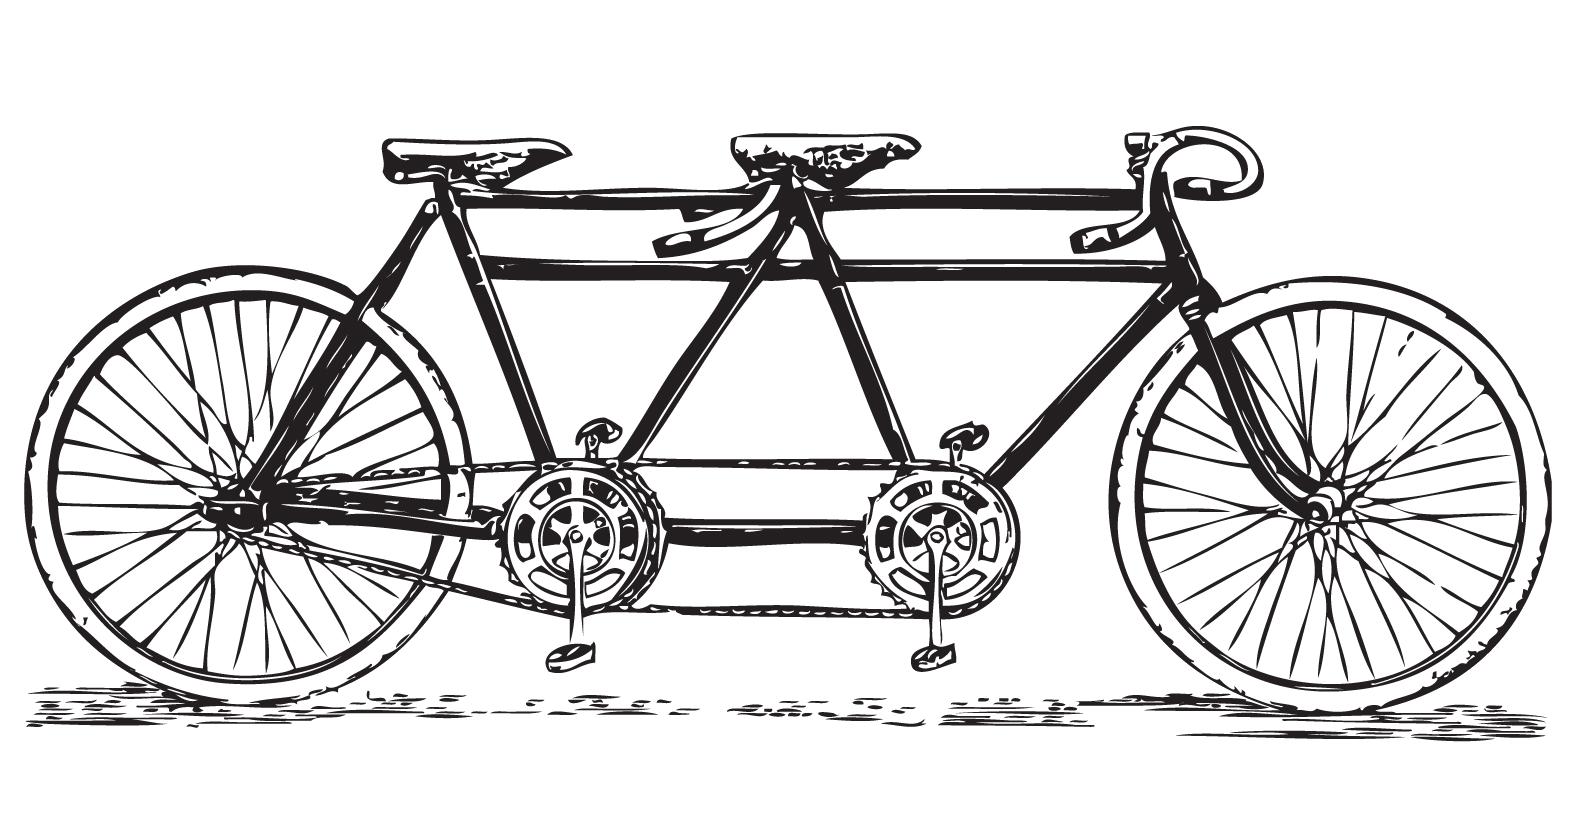 Free vintage tandem bicycle clip art bicycle.